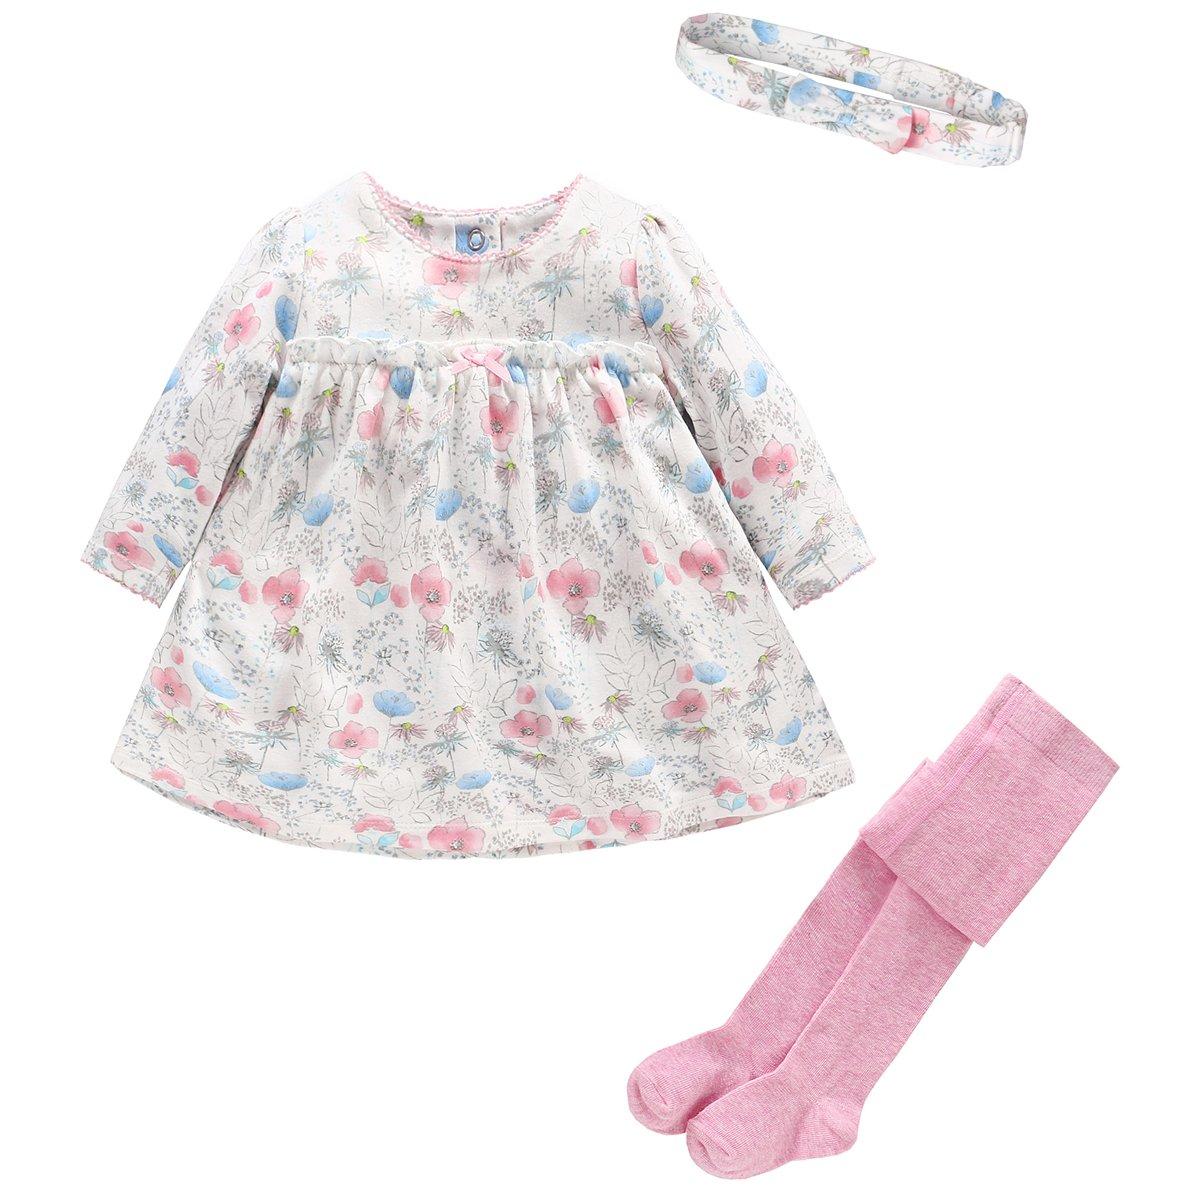 Neonata Vestito Tunica Floreale Shirt Maniche Lunghe + Fascia + Pantaloni Collant Set Ragazze Tuta Outfits C170707TZ001D